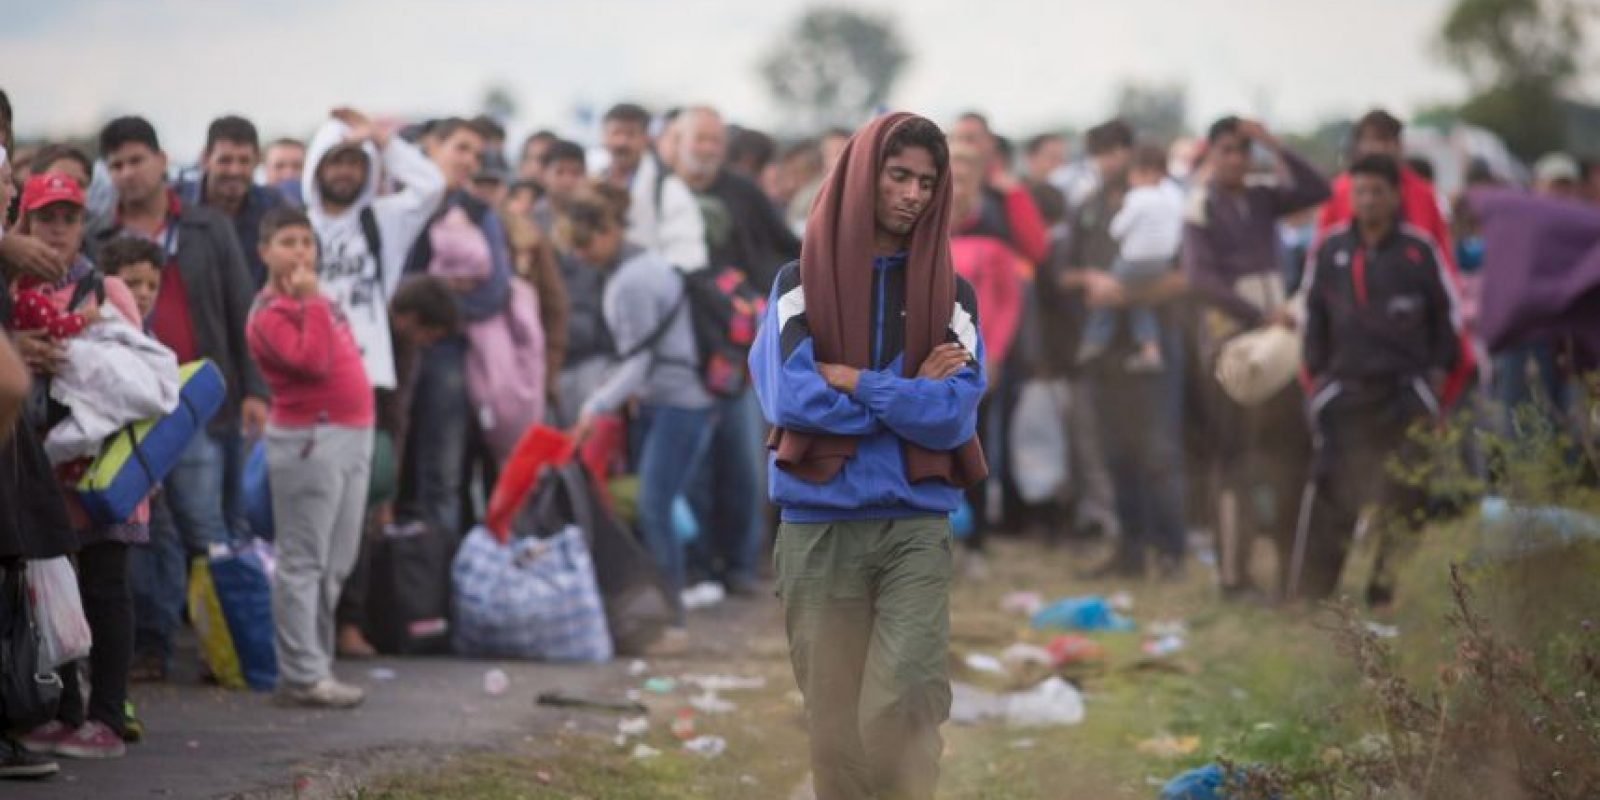 Cientos de migrantes llegan cada día a Europa. Foto:Getty Images